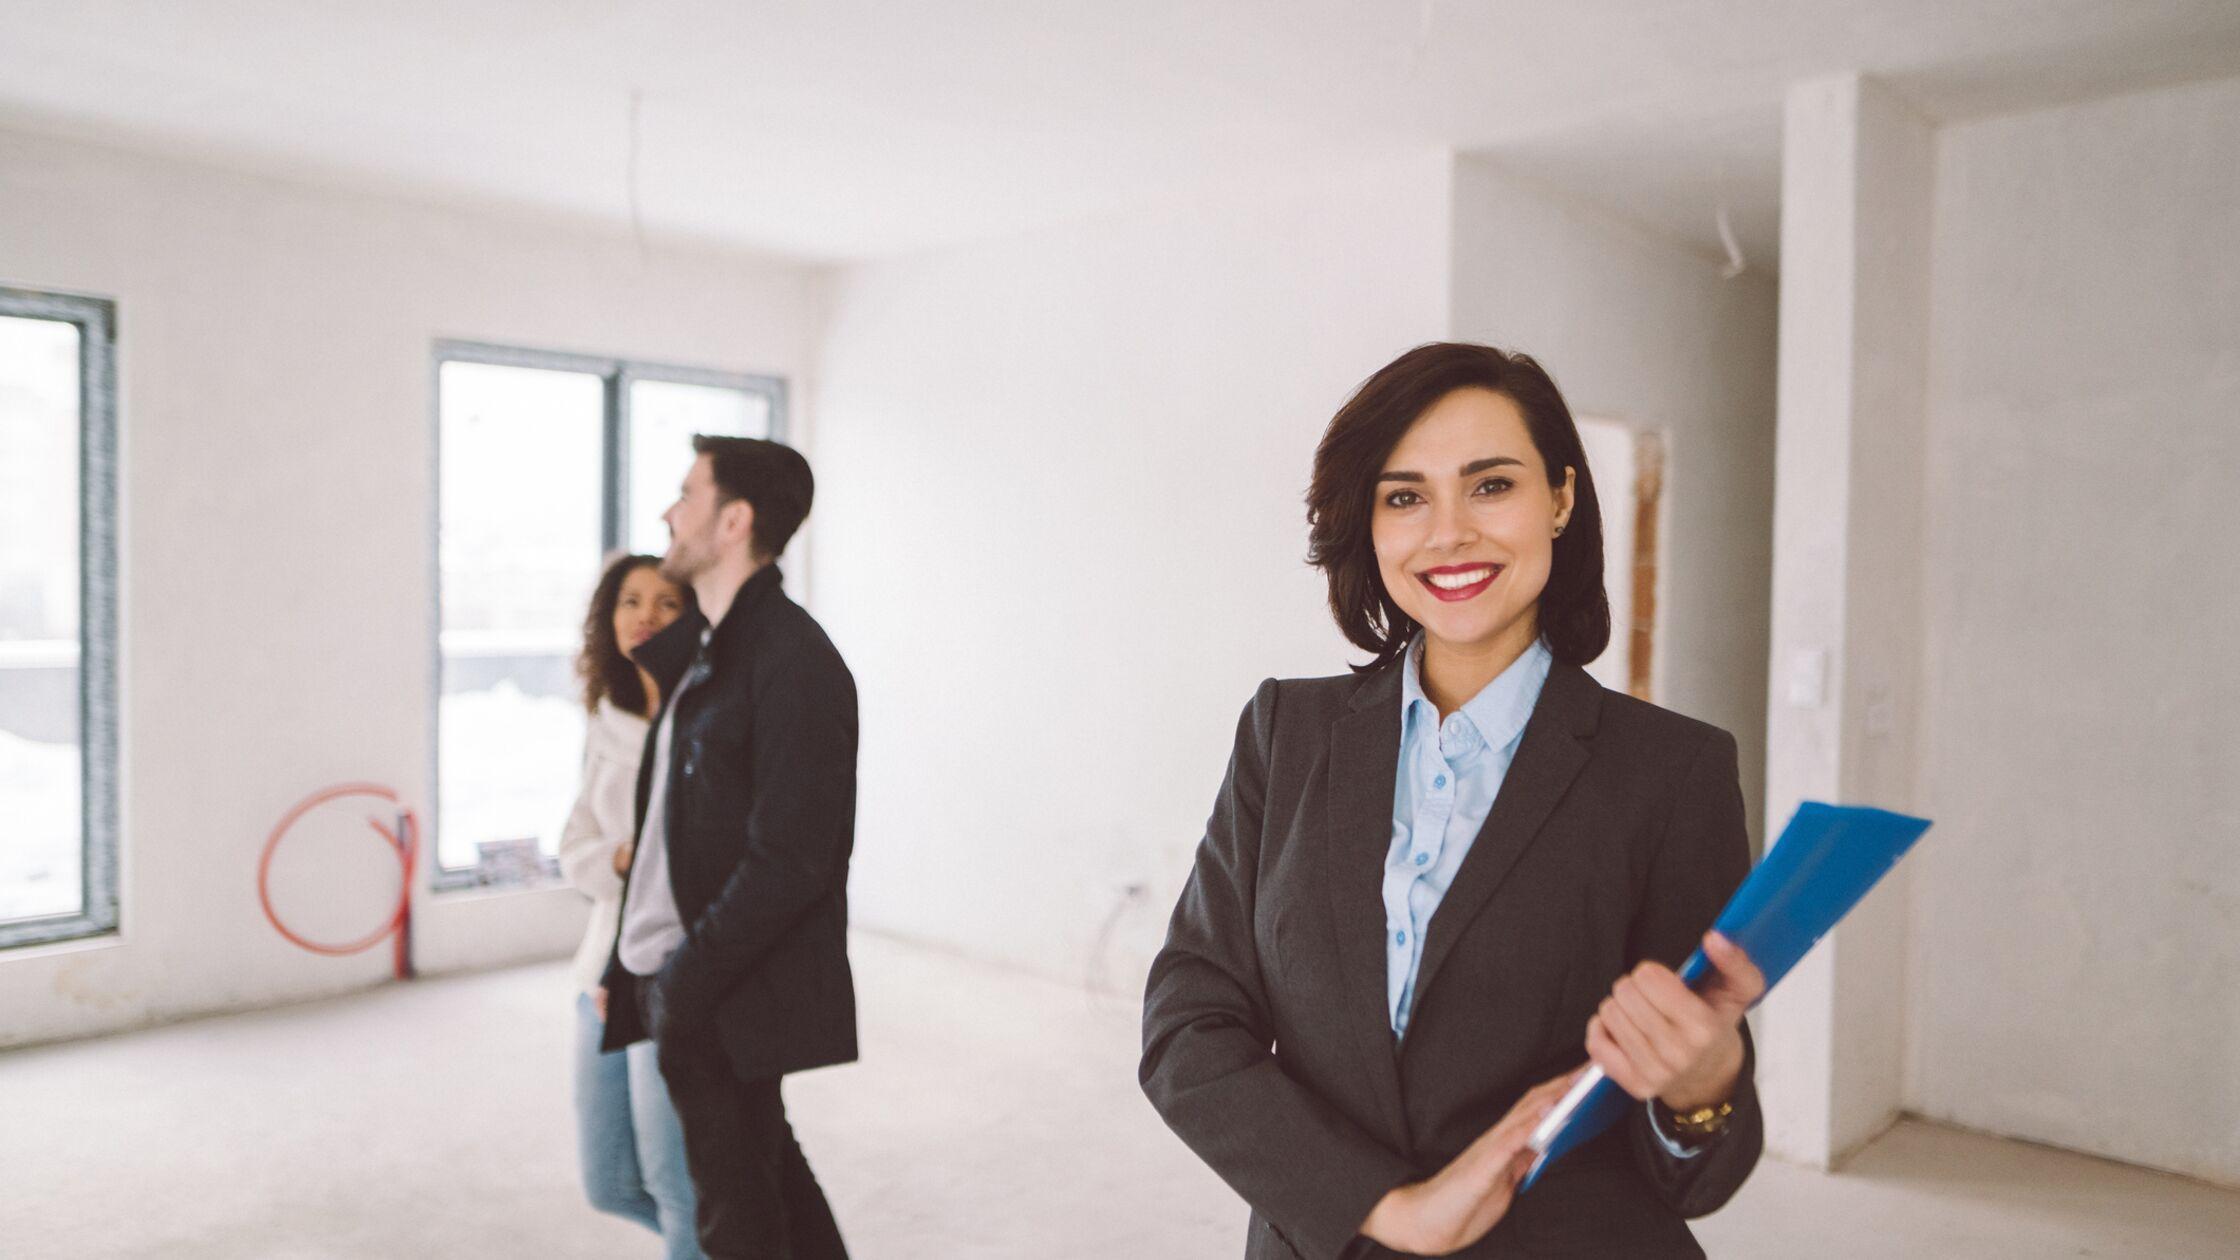 Den richtigen Mieter finden: 4 Tipps für Vermieter